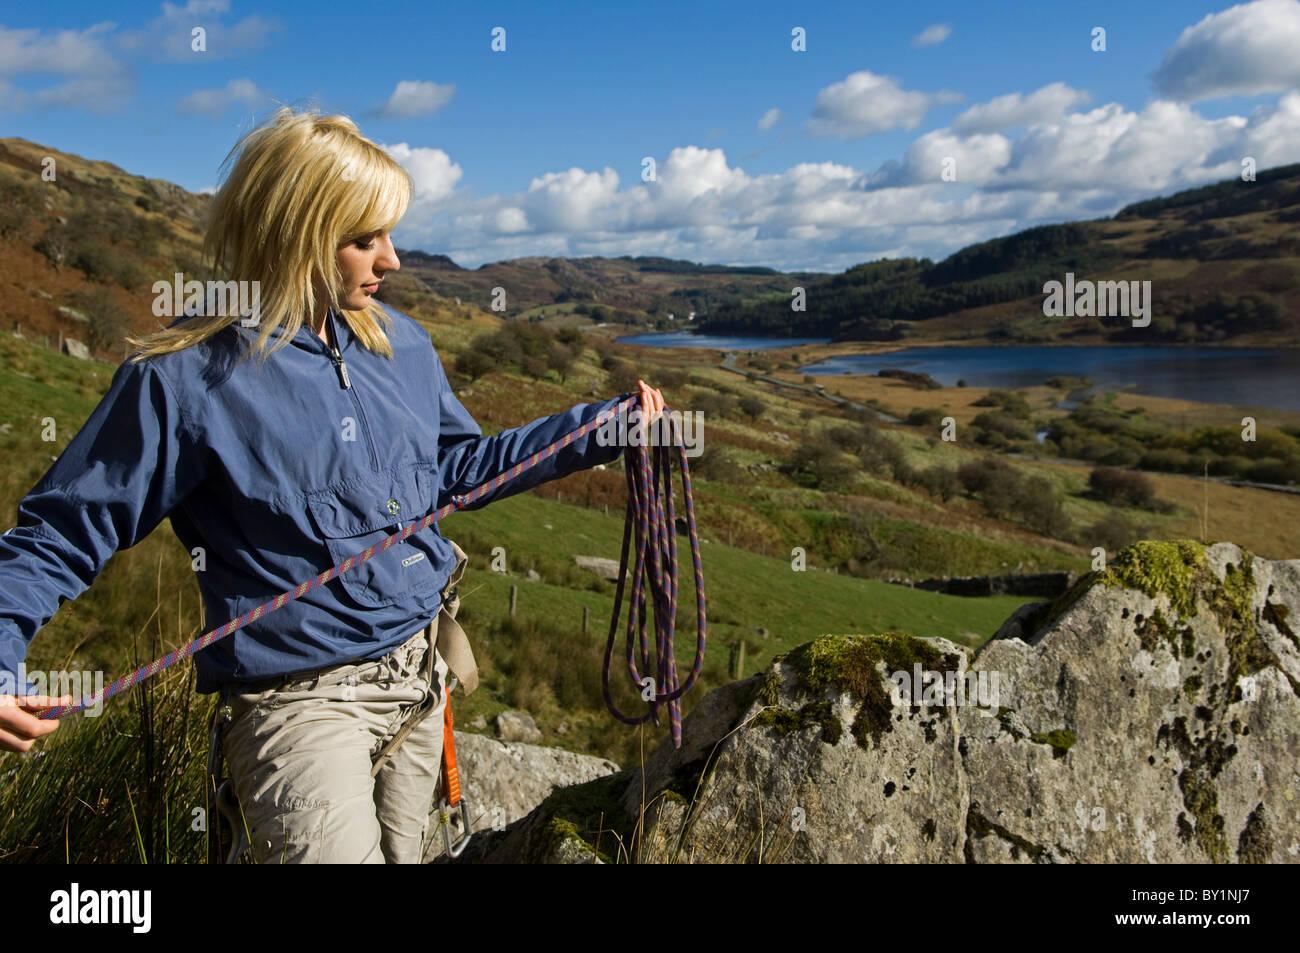 Klettergurt Aus Seil : Uk nord wales snowdonia. mädchen mit seil und klettergurt klettern